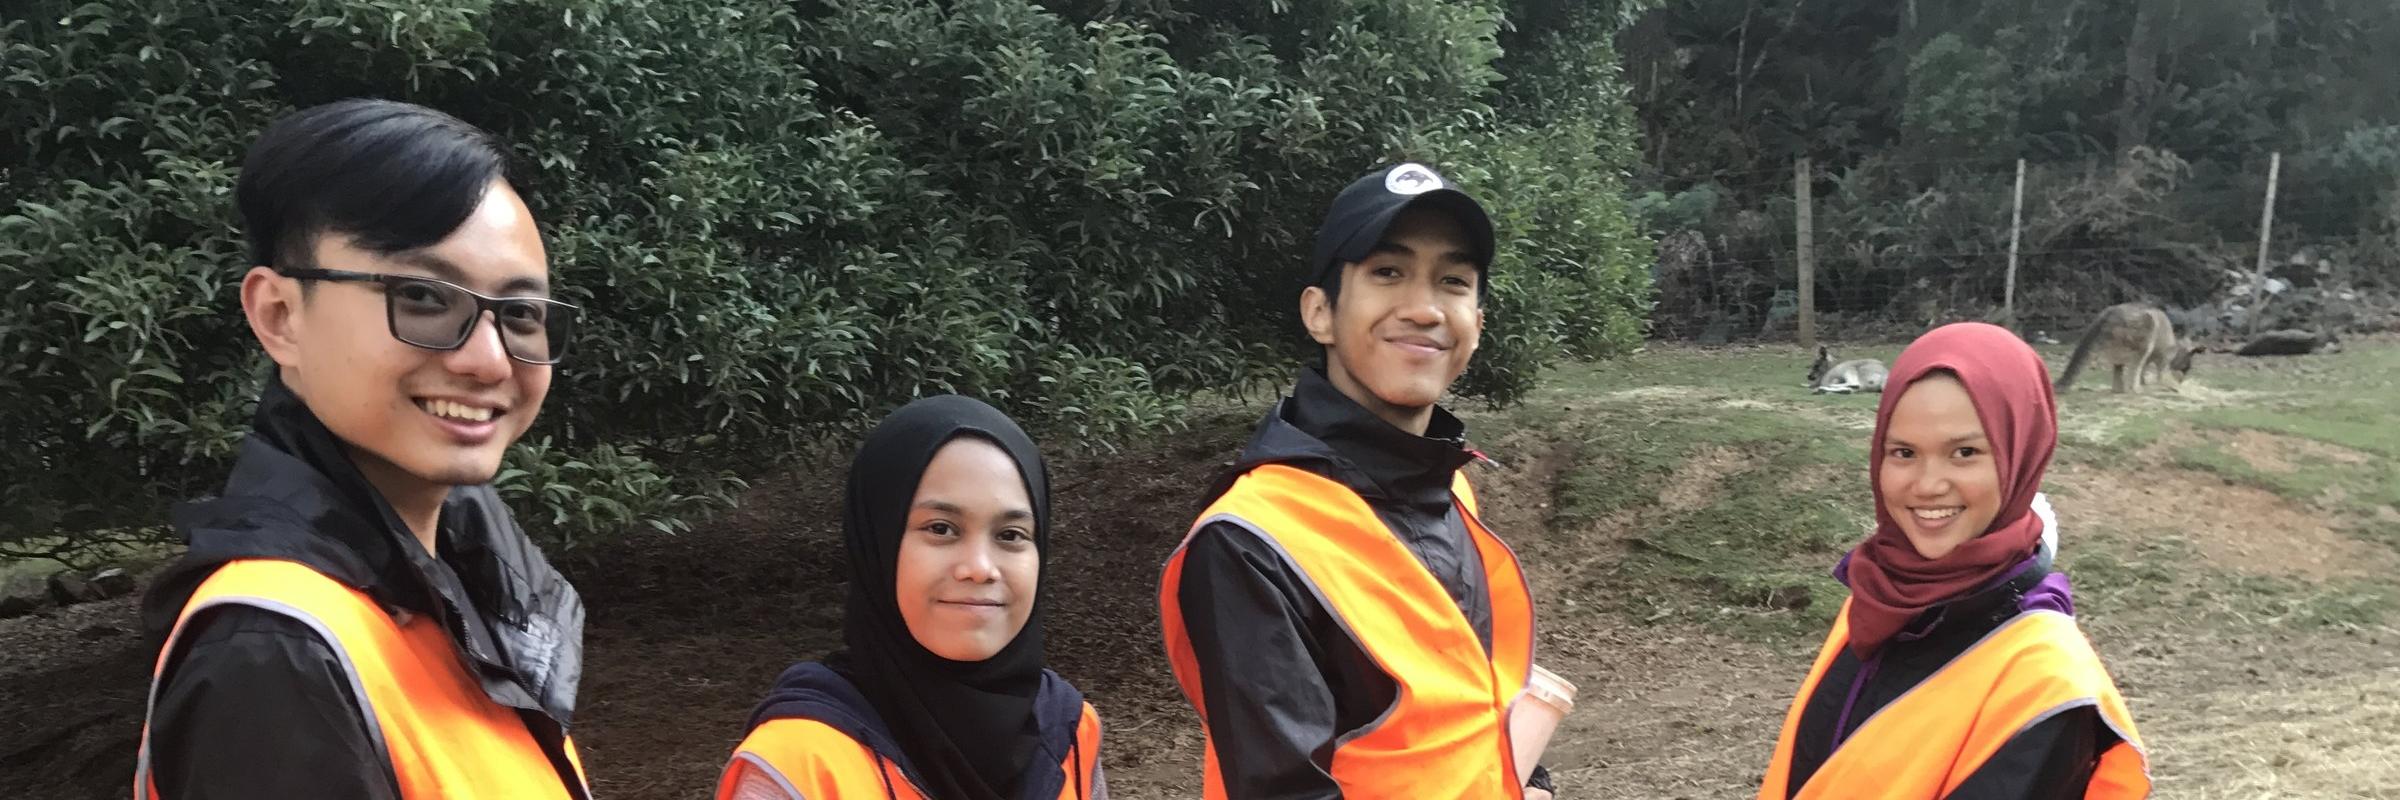 volunteer 3.JPG